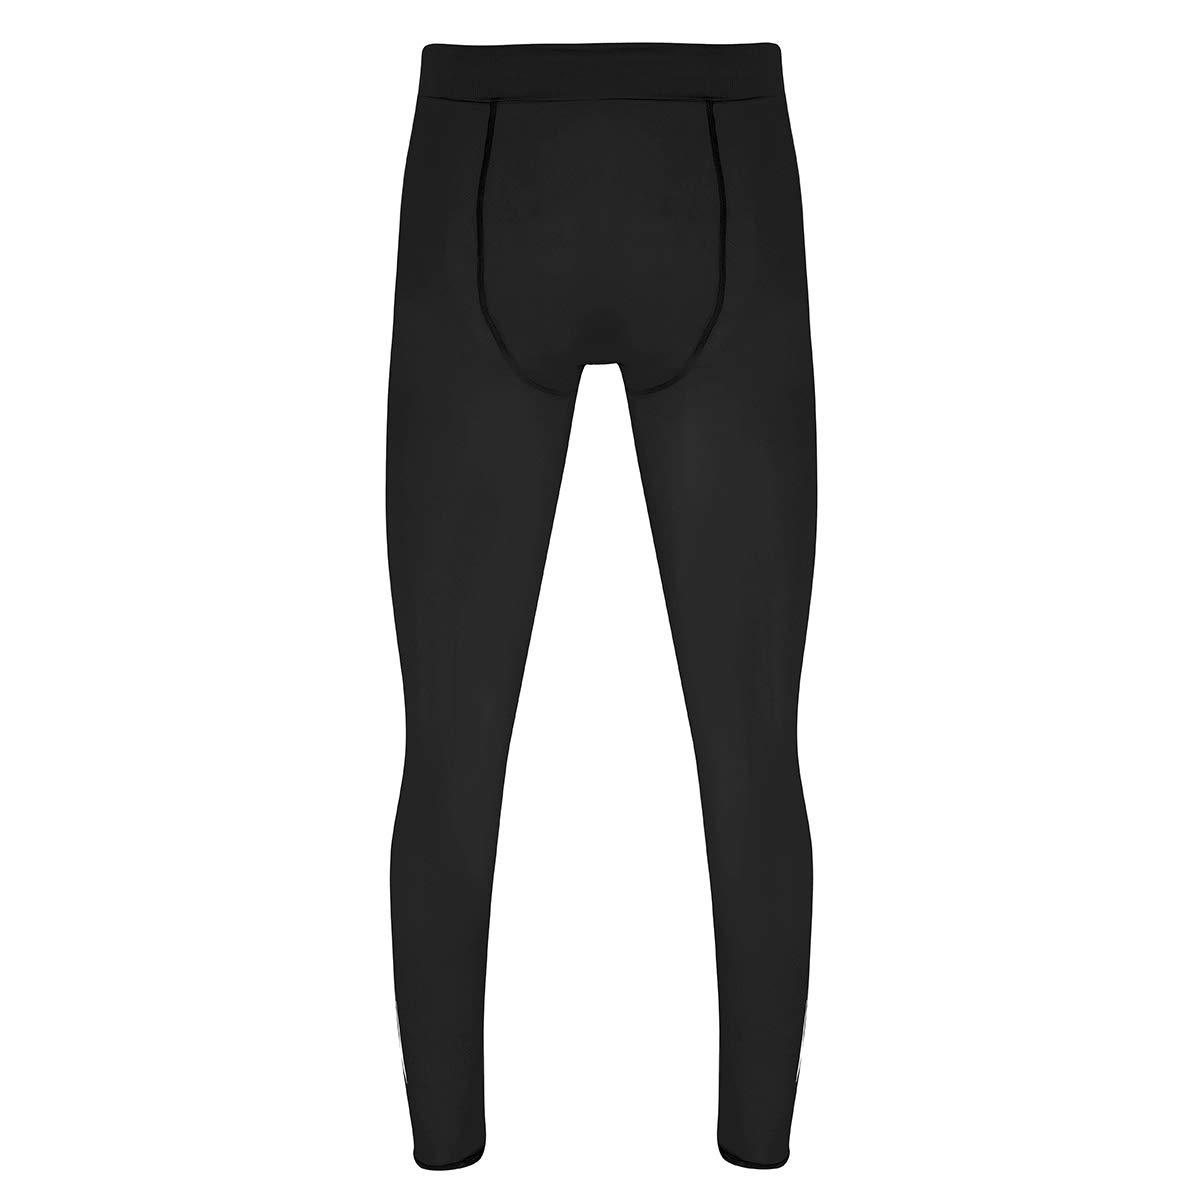 iiniim Mens Skinny Stretchy Pantyhose Tights Hosiery Sheath Open Underwear Sleepwear Nightwear